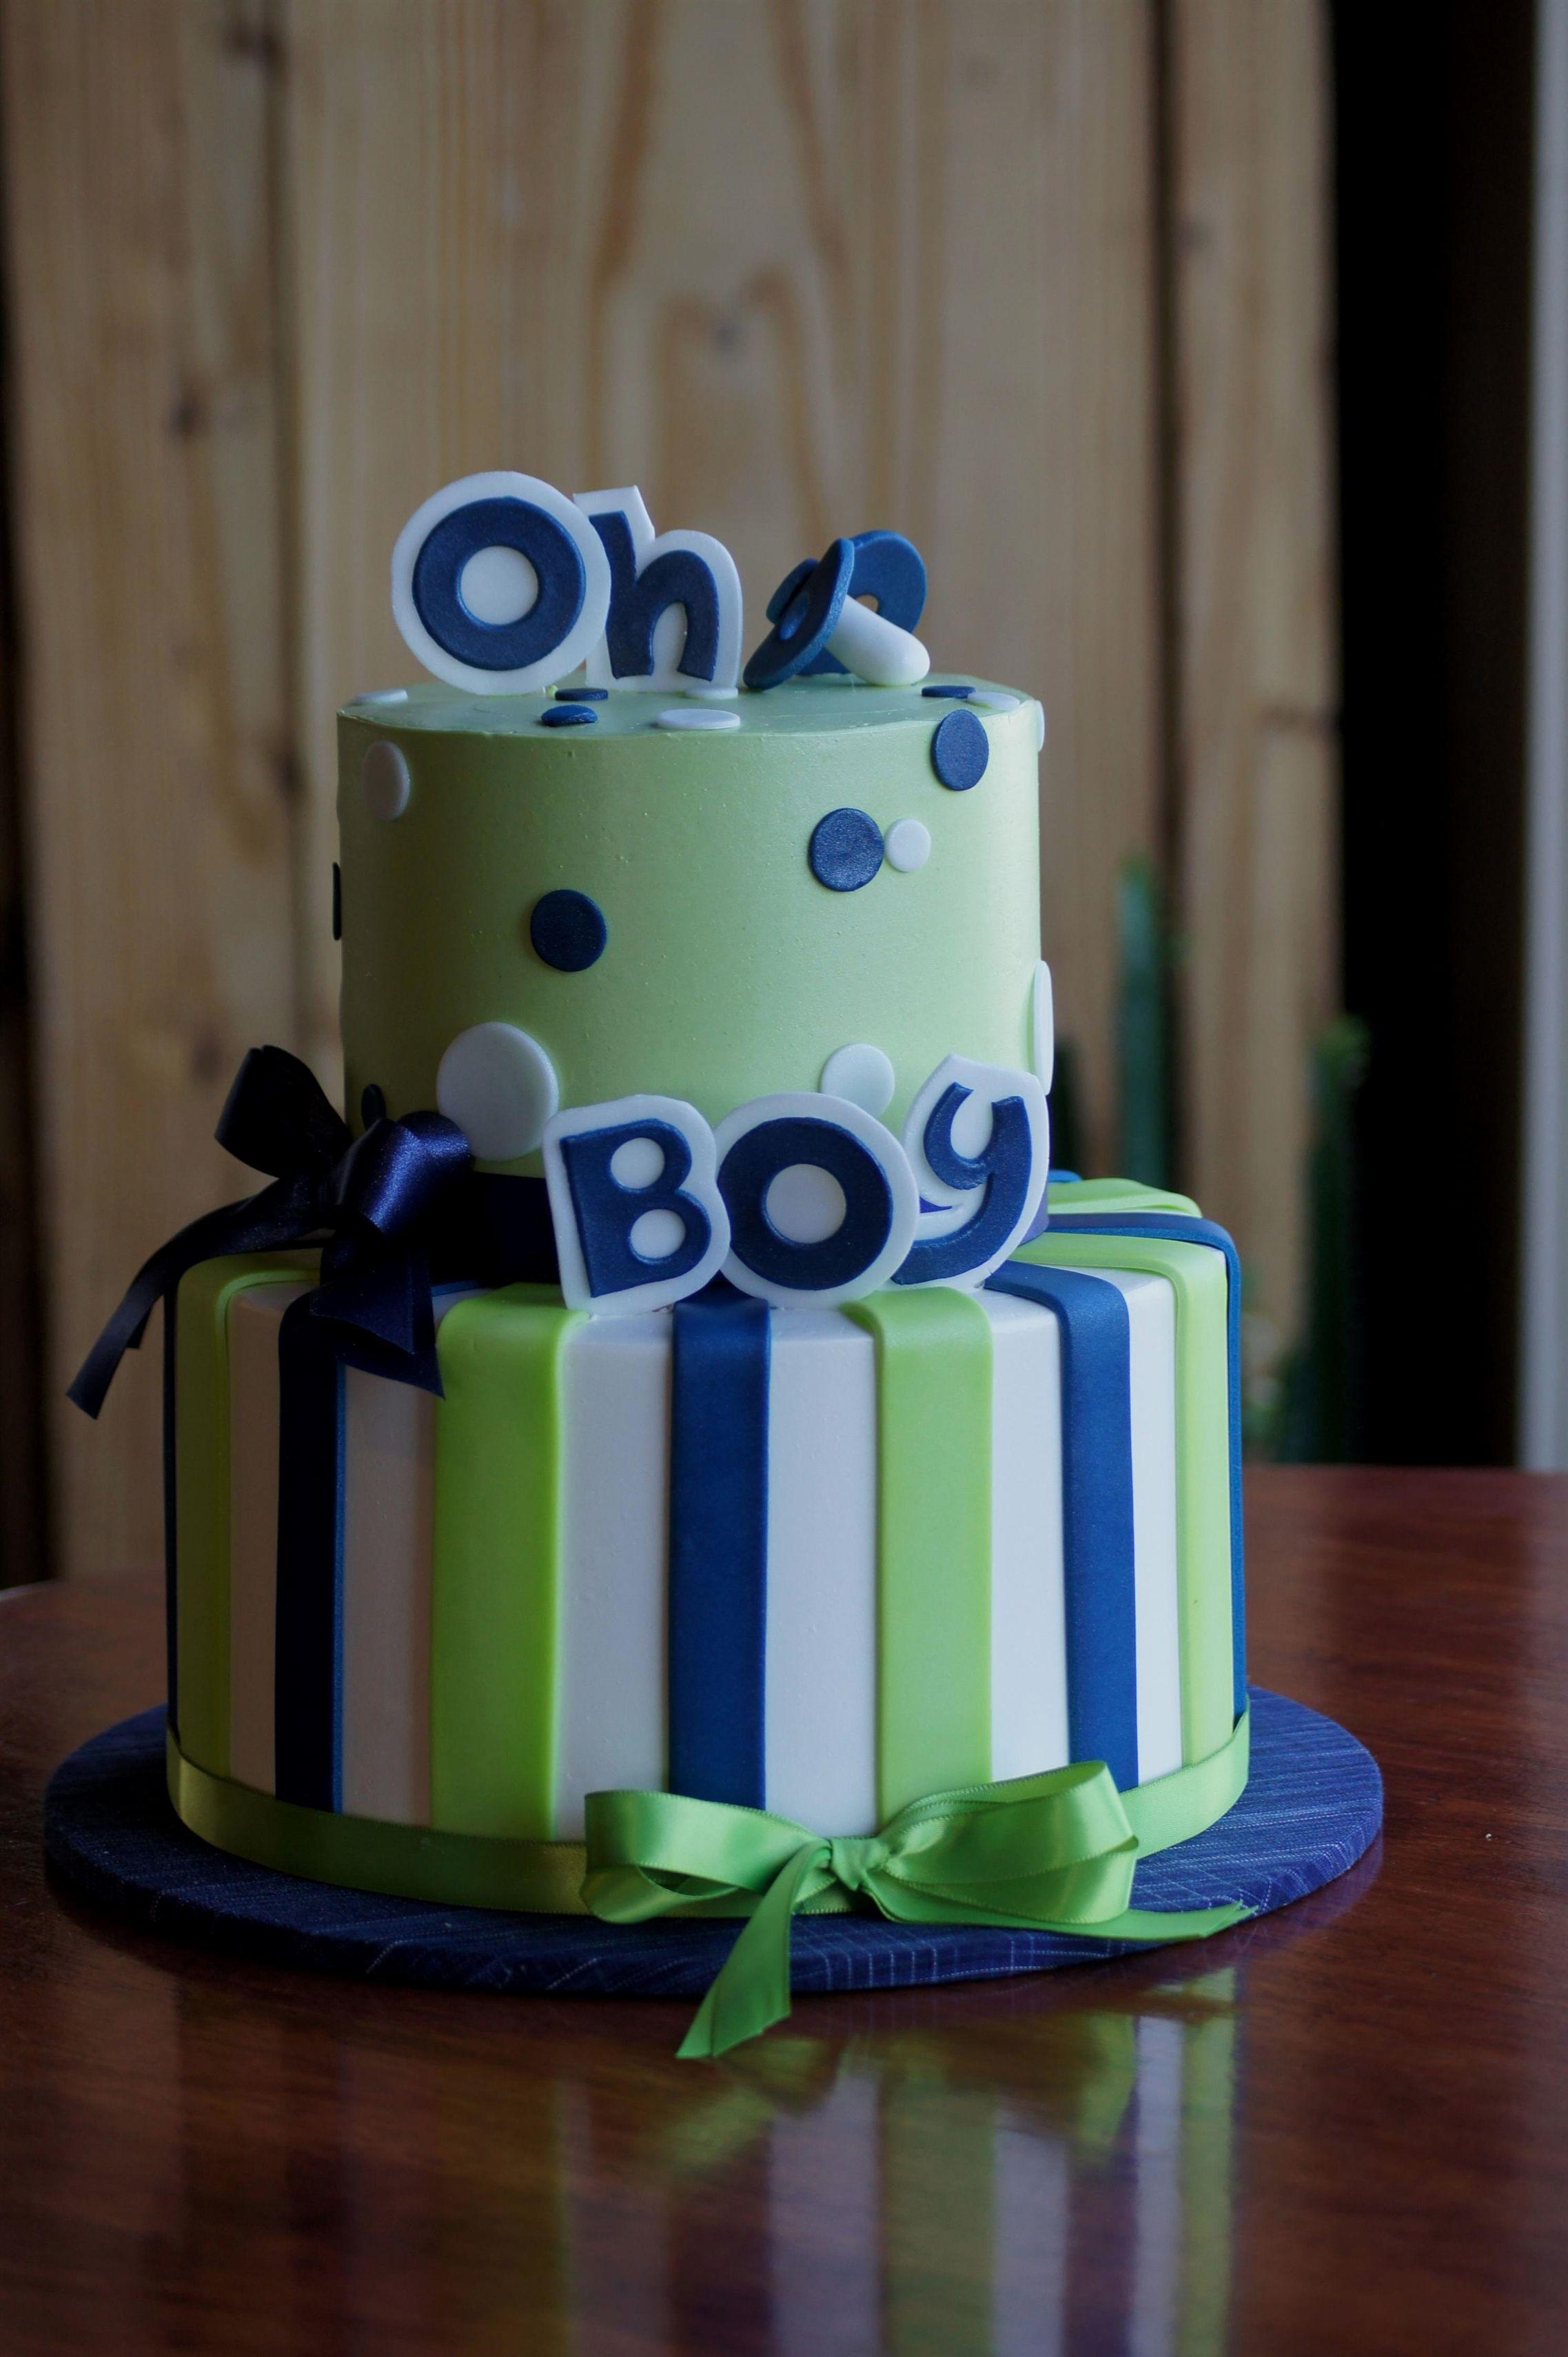 Cake Decorating Baby Shower #Cakedecoratingbabyshower #Babyshower